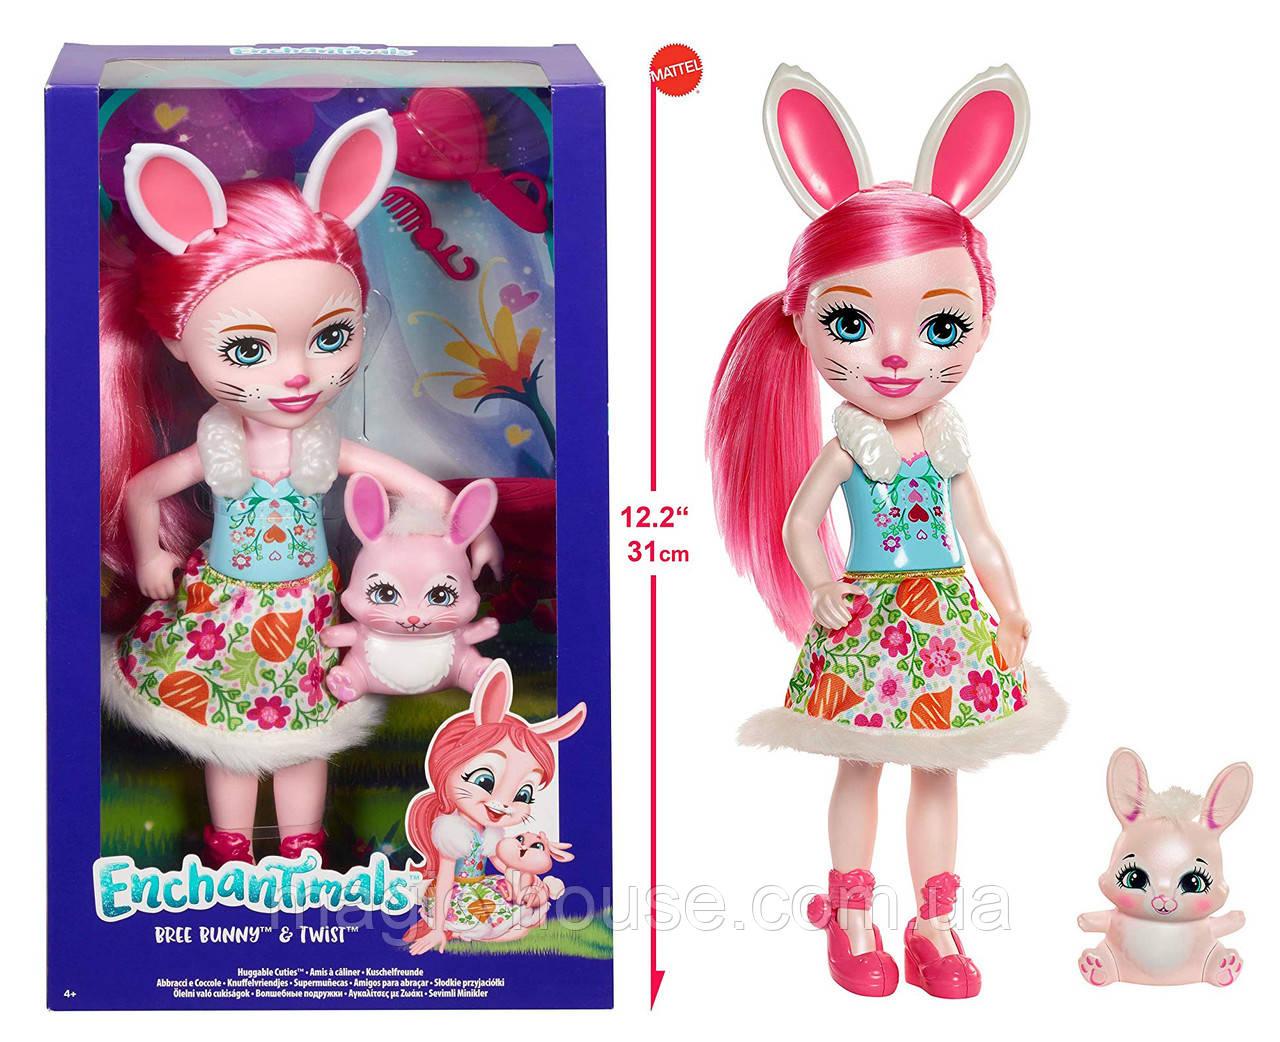 Велика лялька Энчантималс Брі Банні і зайчик Твіст Enchantimals Bree Bunny Doll 31 см ОРИГІНАЛ